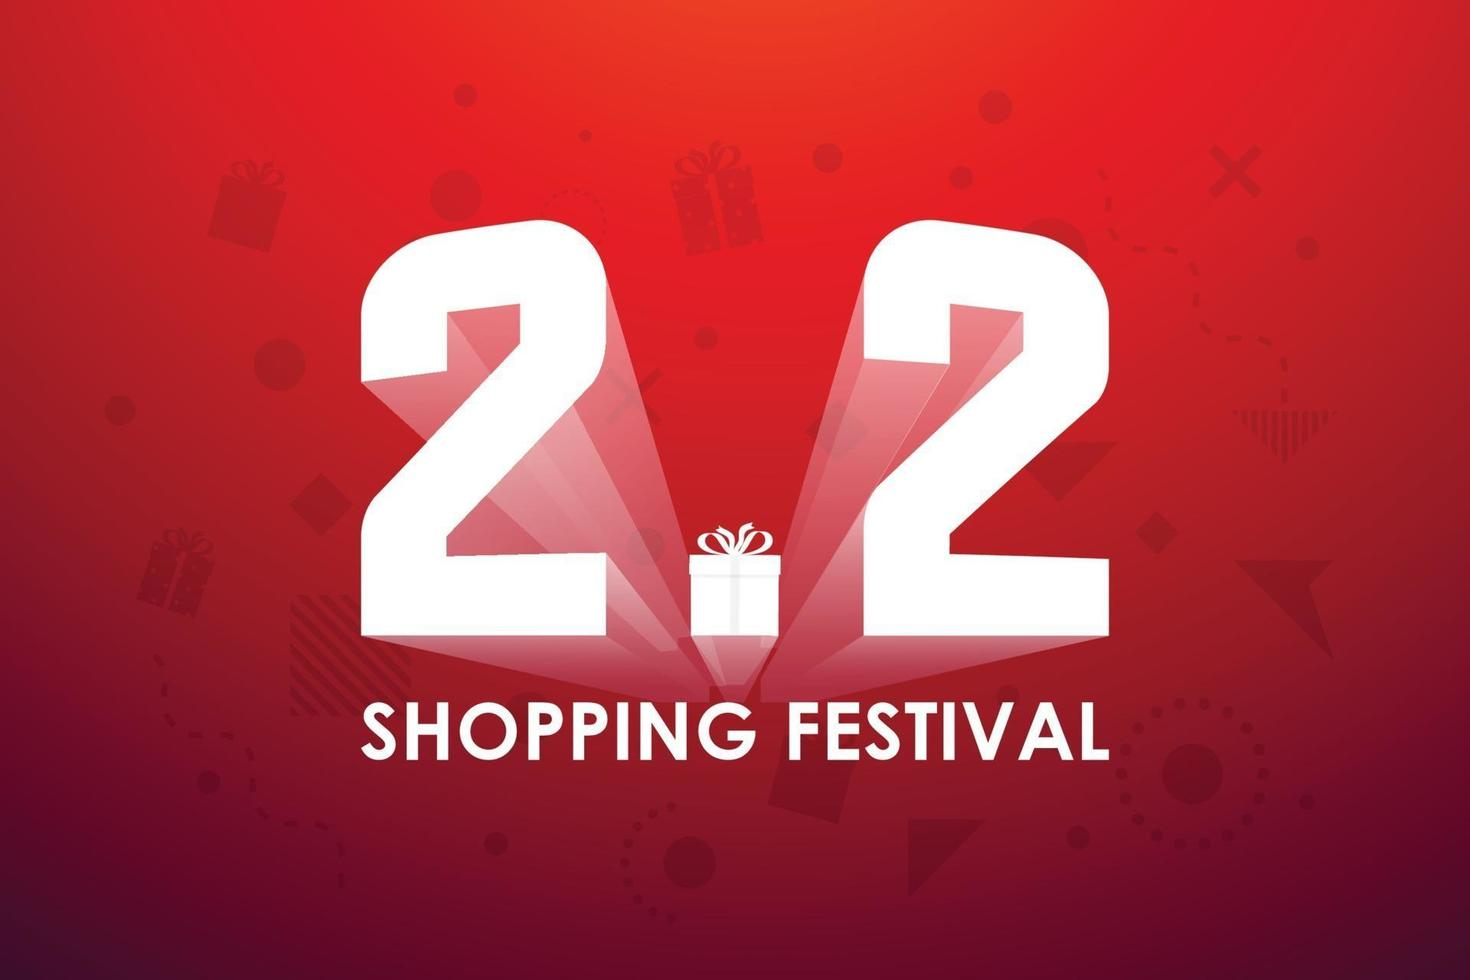 2.2 festival de compras, diseño de banner de marketing de voz sobre fondo rojo. ilustración vectorial vector